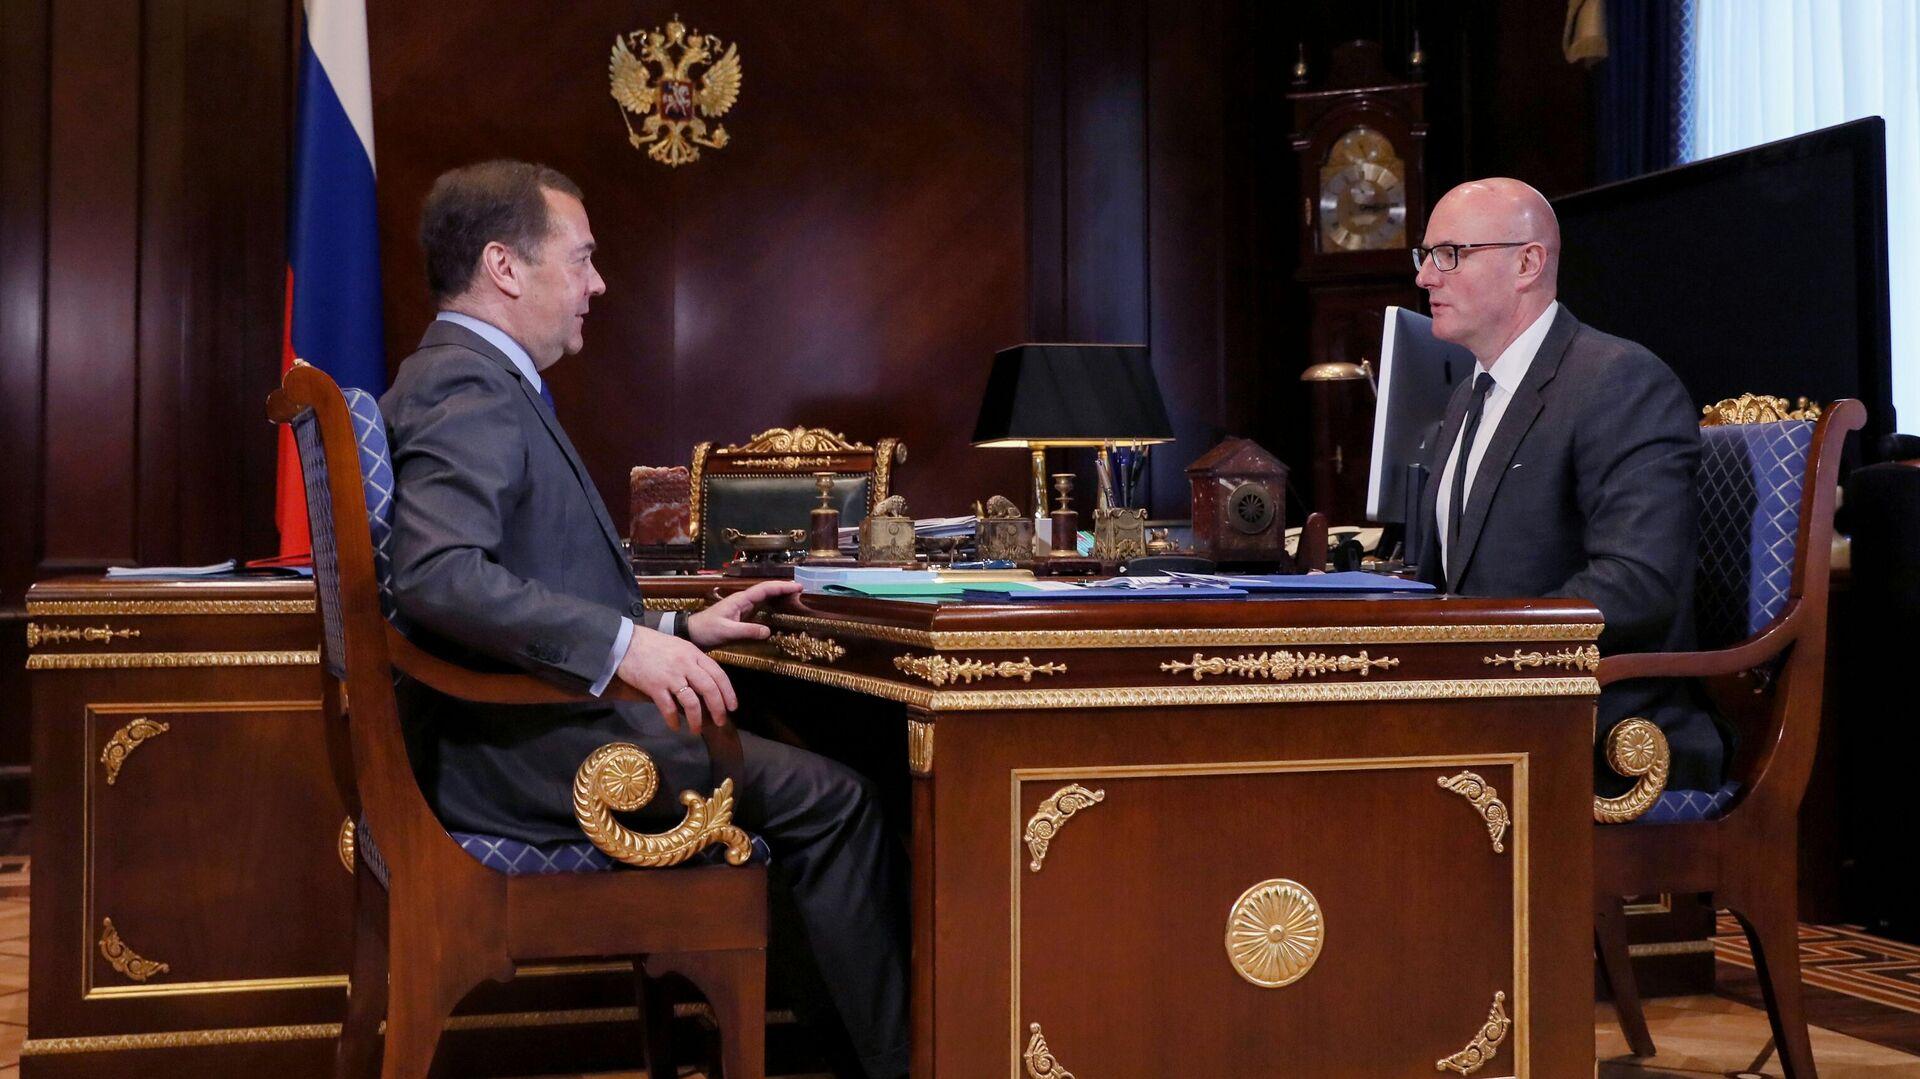 Медведев обсудил с Чернышенко повышение эффективности НТП